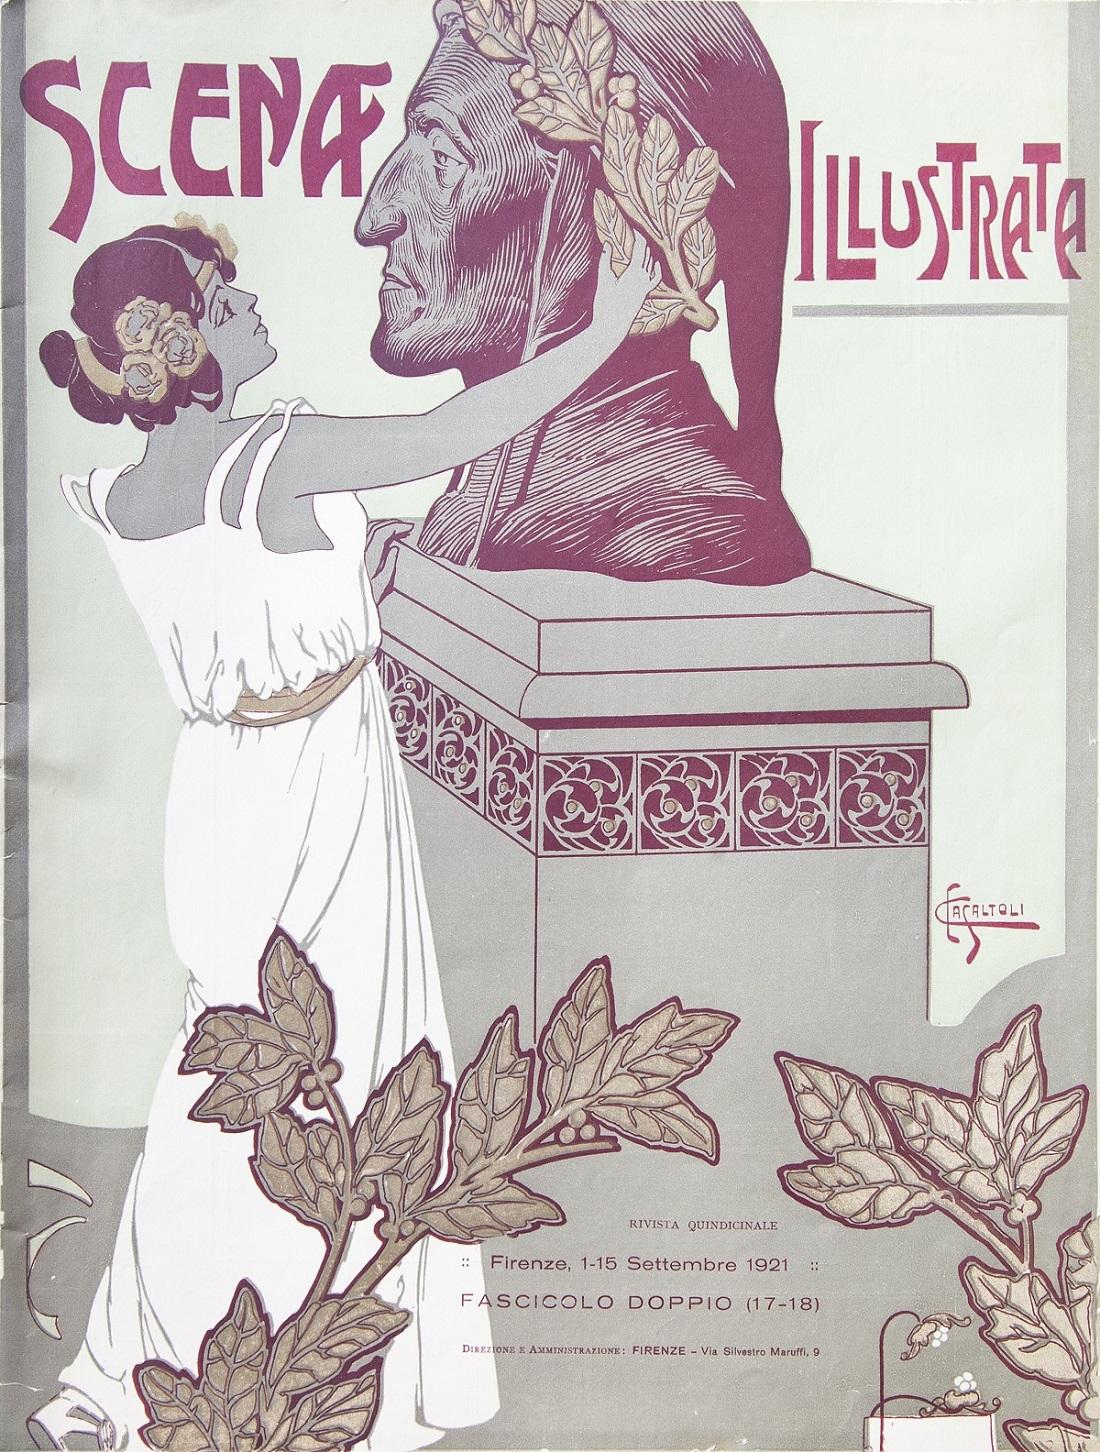 06)Scena Illustrata, fascicolo doppio, Firenze, 1-15 settembre 1921, Copertina di Carlo Casaltoli